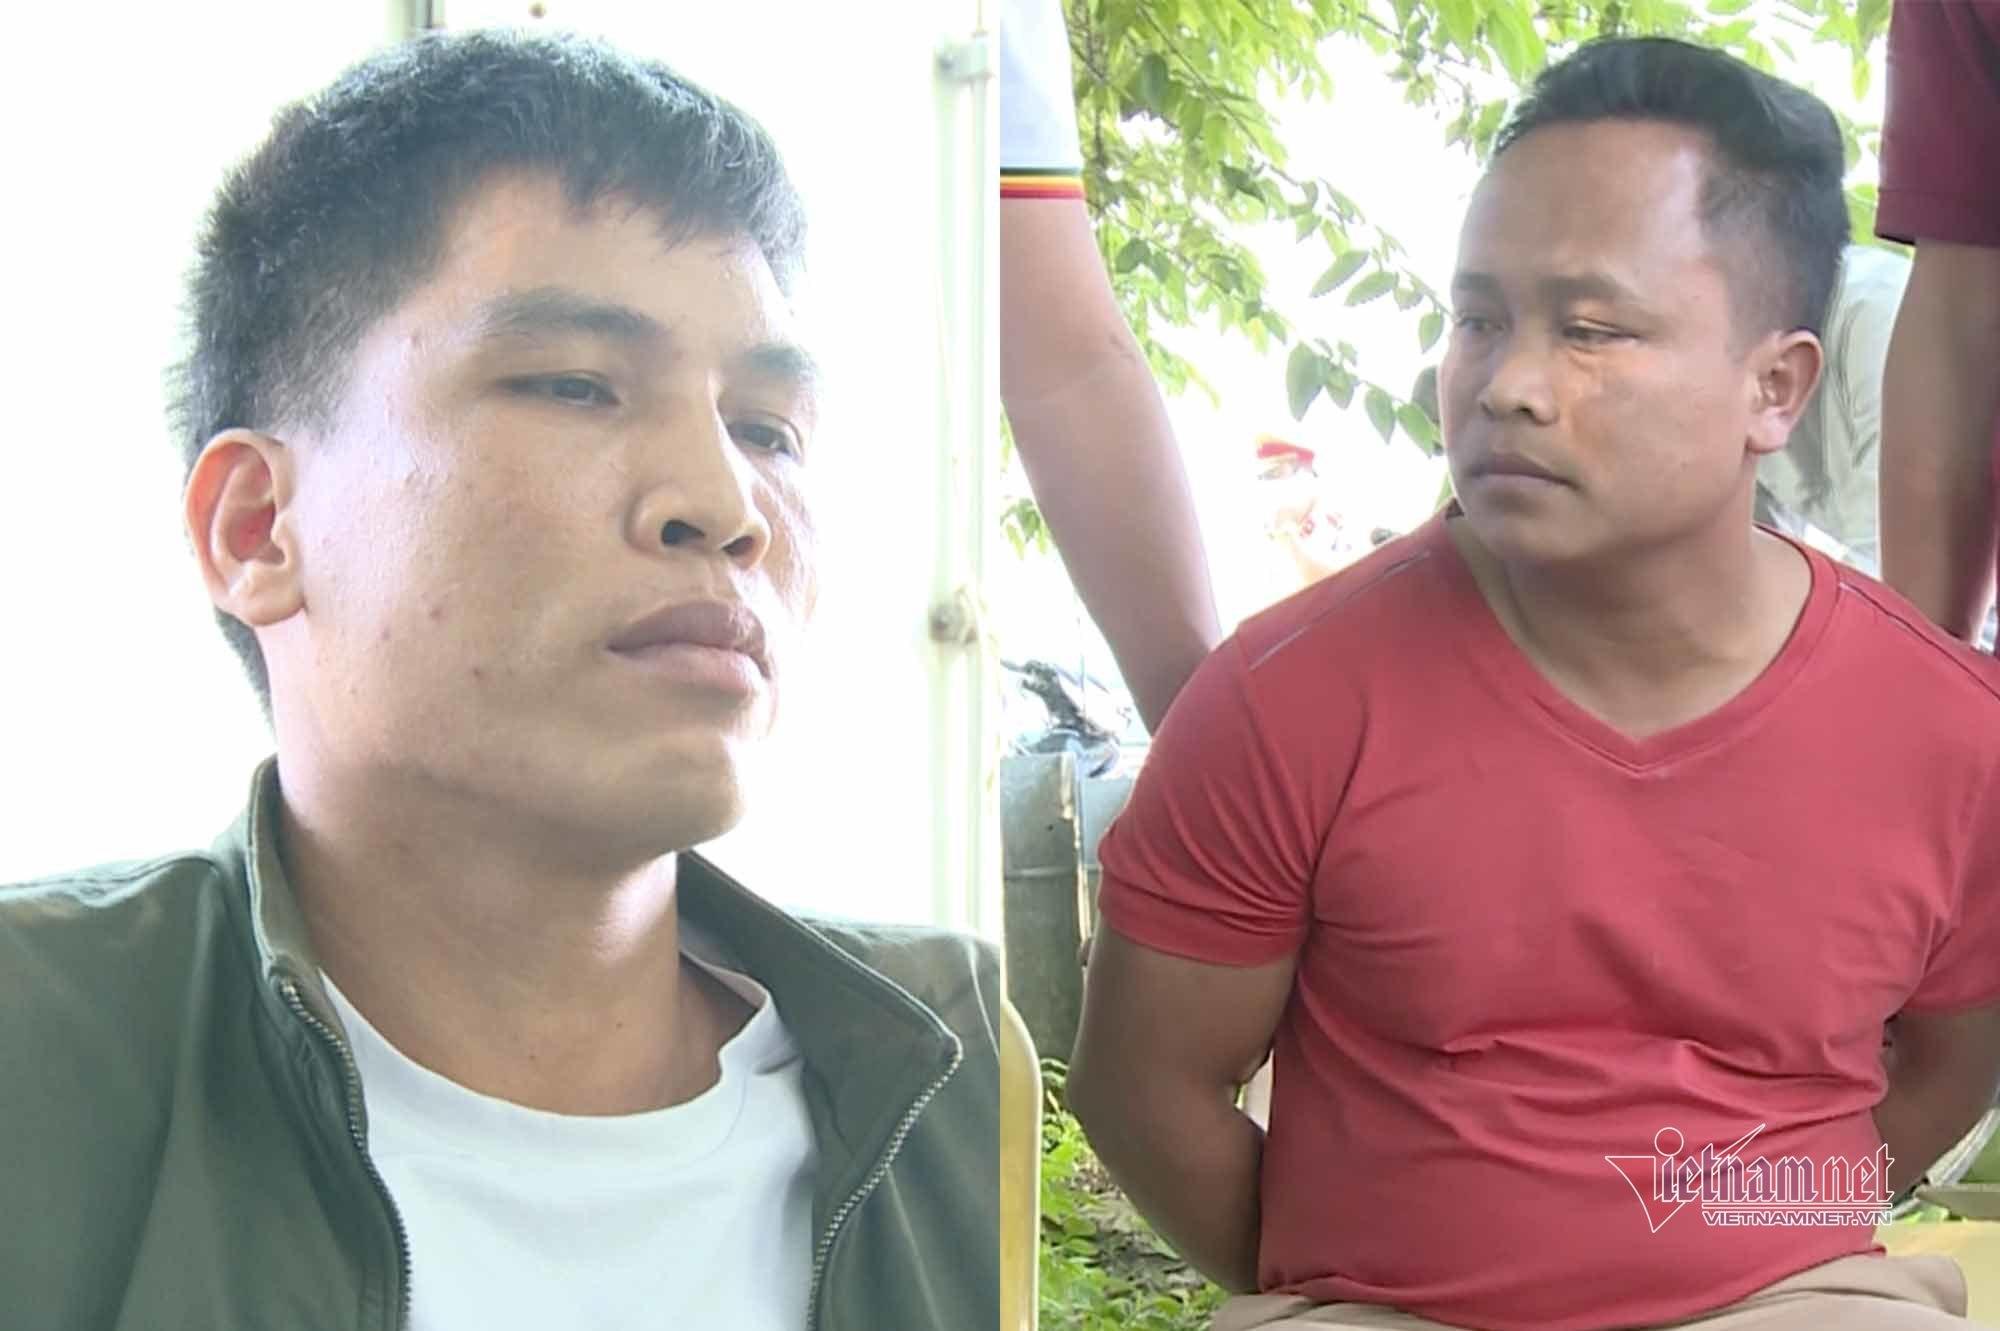 Công an Vĩnh Phúc tóm gọn 2 kẻ đi ô tô vận chuyển ma túy